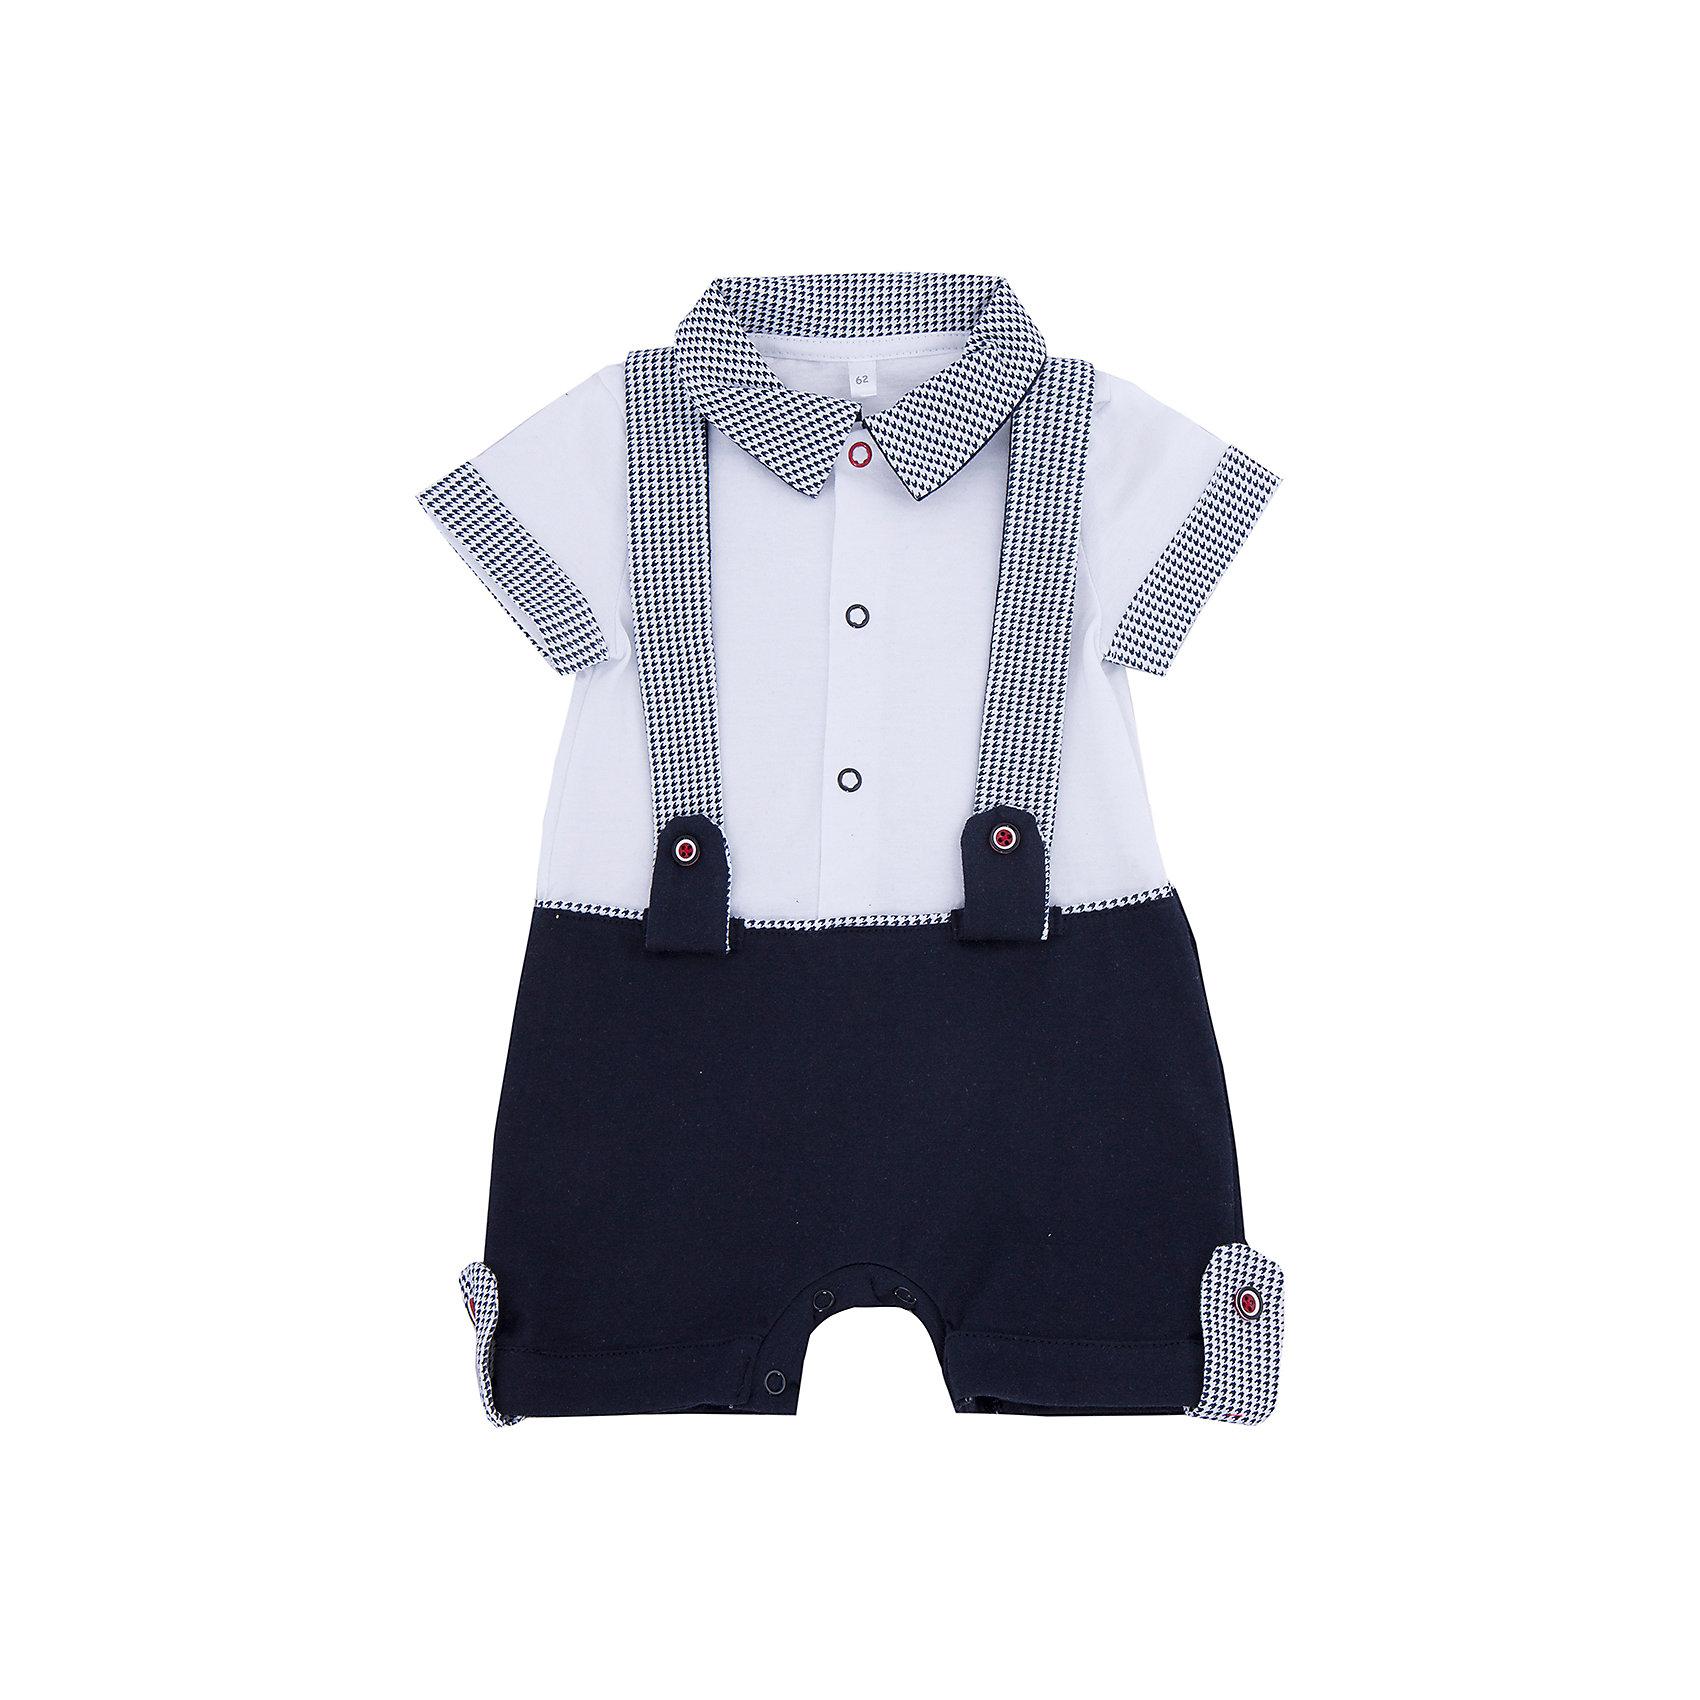 Песочник для мальчика Soni KidsПесочники<br>Песочник для мальчика от популярной марки Soni Kids <br> <br>Нарядный и удобный песочник в черно-белой гамме сшит из мягкого дышащего хлопка. Это гипоаллергенный материал, который отлично подходит для детской одежды. Правильный крой обеспечит ребенку удобство, не будет натирать и стеснять движения. <br> <br>Особенности модели: <br> <br>- цвет - белый, черный; <br>- материал - натуральный хлопок; <br>- черная отделка; <br>- имитация подтяжек; <br>- отложной воротник; <br>- рукава короткие, с отделкой; <br>- застежки - кнопки впереди и внизу. <br> <br>Дополнительная информация: <br> <br>Состав: 100% хлопок <br> <br>Песочник для мальчика от популярной марки Soni Kids (Сони Кидс) можно купить в нашем магазине.<br><br>Ширина мм: 157<br>Глубина мм: 13<br>Высота мм: 119<br>Вес г: 200<br>Цвет: белый/черный<br>Возраст от месяцев: 2<br>Возраст до месяцев: 5<br>Пол: Мужской<br>Возраст: Детский<br>Размер: 62,68,86,80,74<br>SKU: 4545033